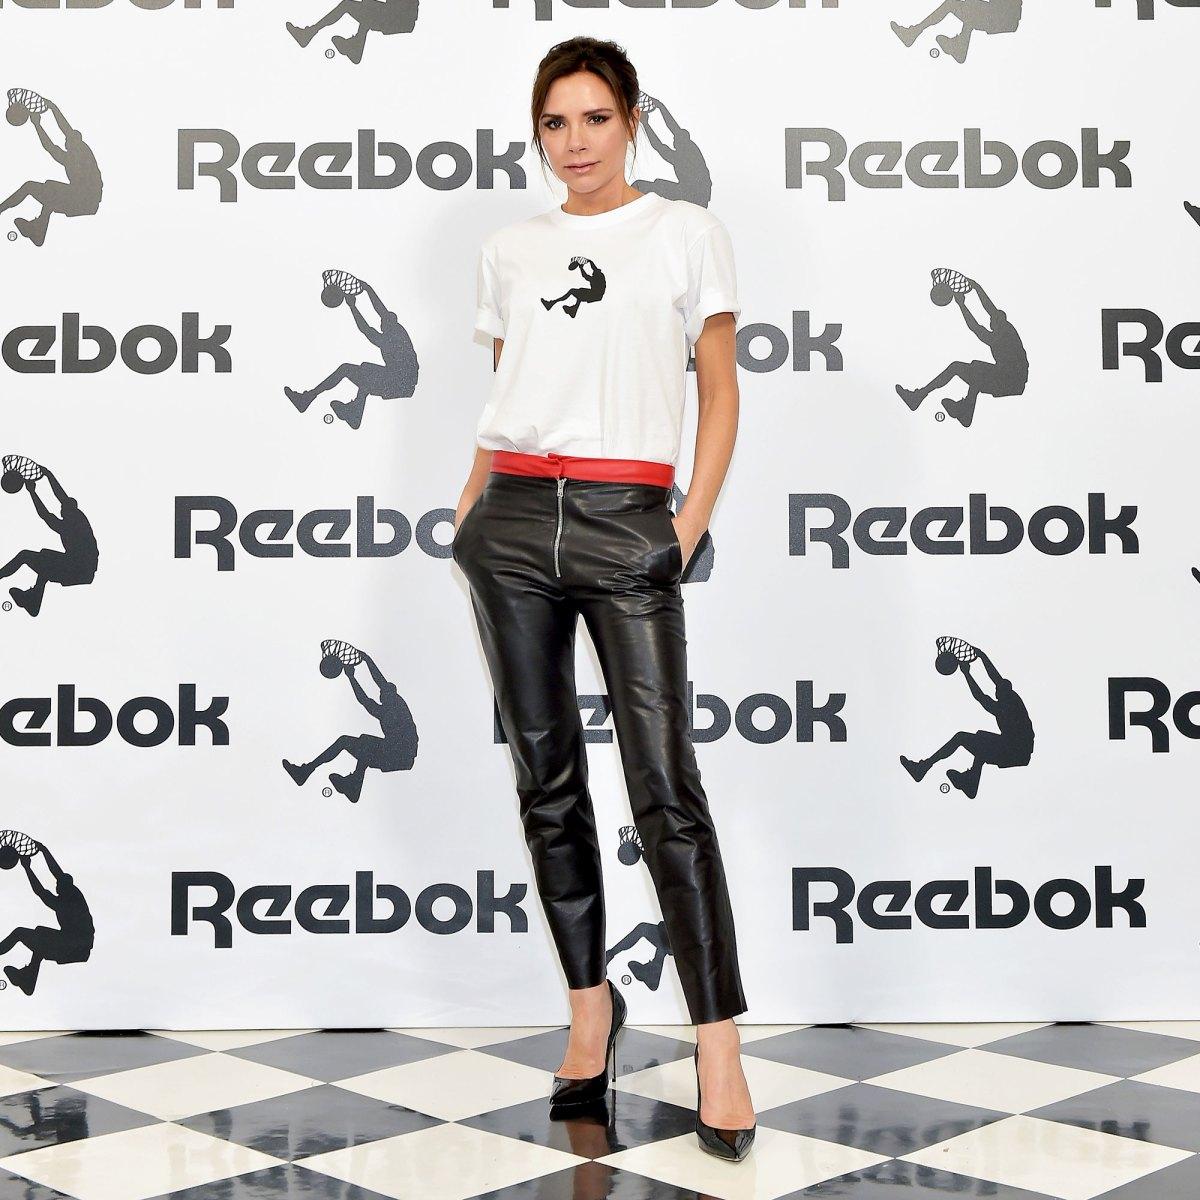 7e3b8bb6 Victoria Beckham X Reebok Collab: Best Pieces